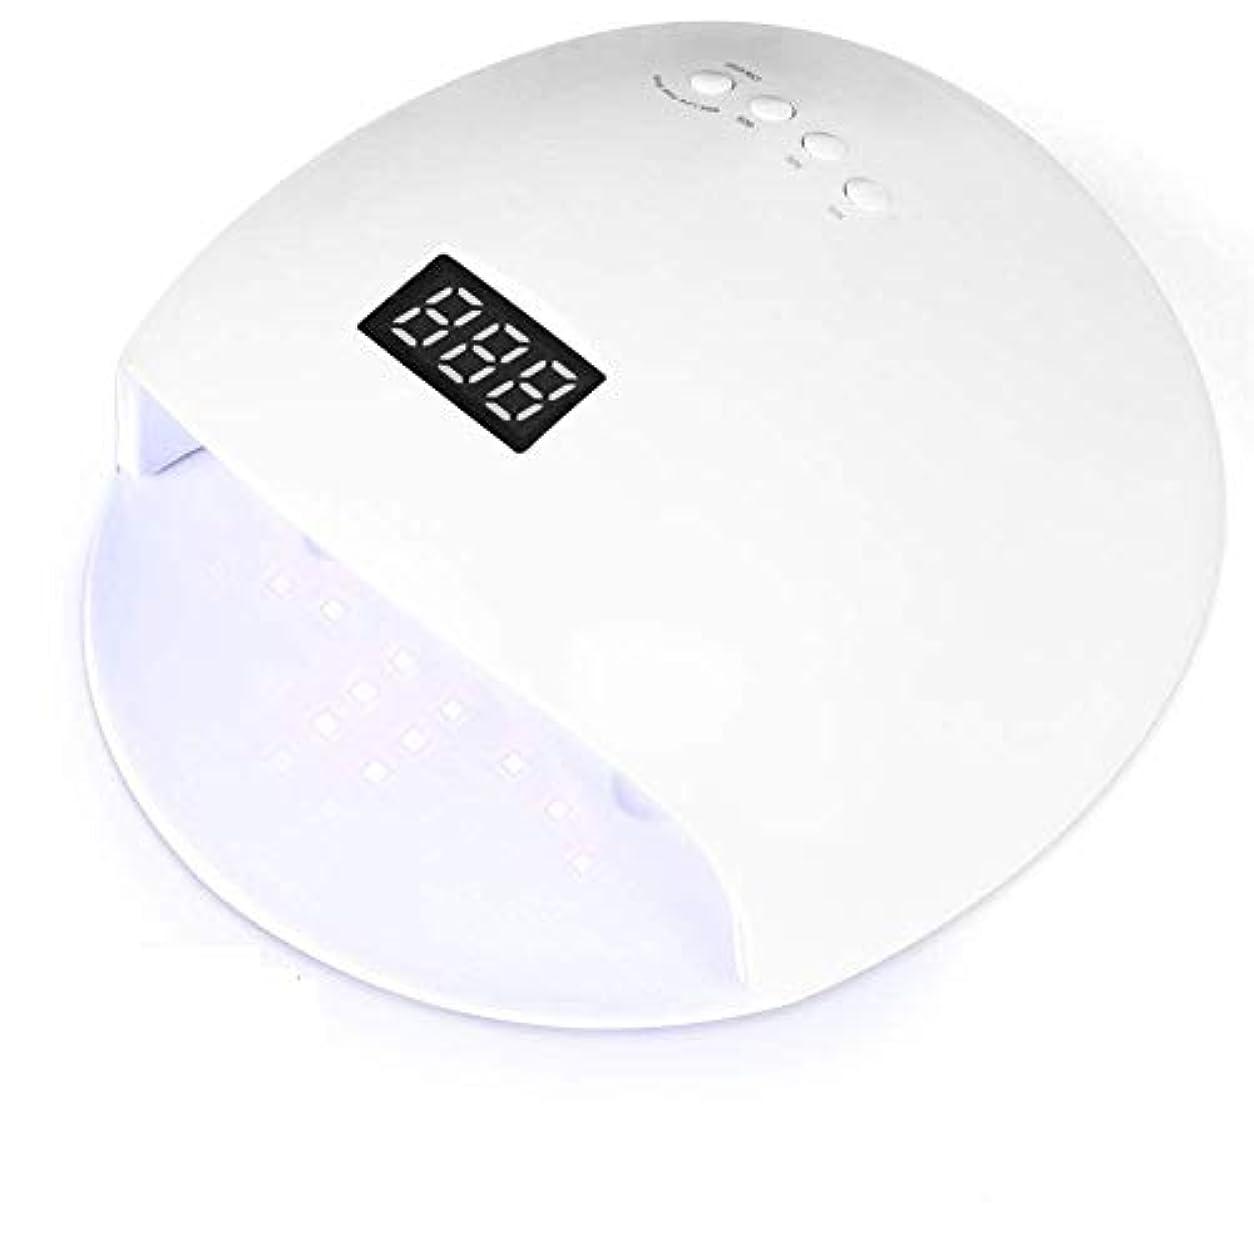 水没ラバ選出するネイルドライヤーUVネイルランプ速乾ジェルネイルポリッシュライトLEDネイルランプシェラックUVライトジェルネイルポリッシュドライヤーキュアランプシェラックライトランプ3タイマー設定自動赤外線センサー(ホワイト)